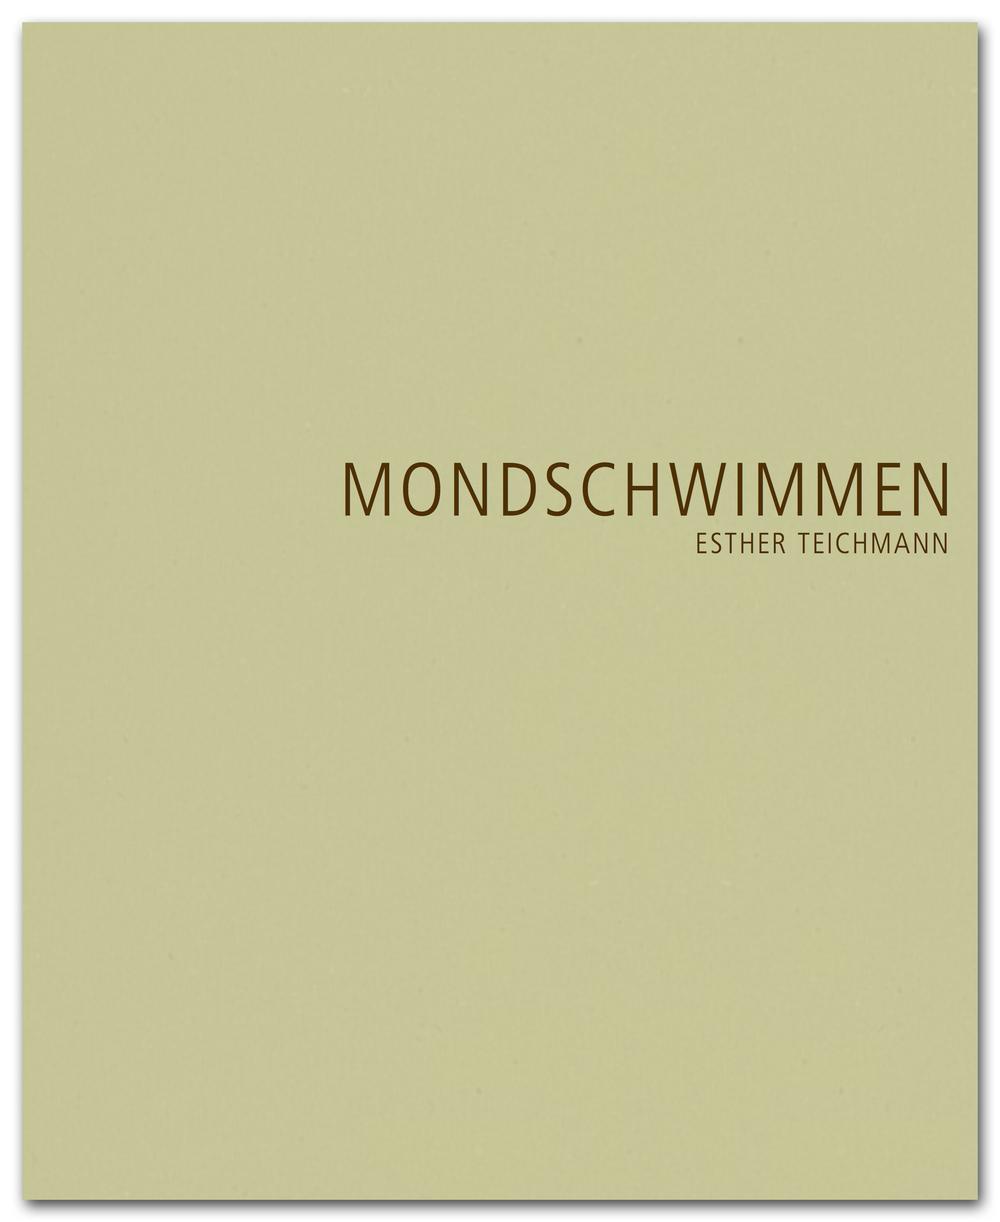 """Künstlerbuch """"Mondschwimmen"""" Esther Teichmann Anlässlich der Ausstellung erscheint das Künstlerbuch """"MONDSCHWIMMEN"""" in Kleinauflage. Mit zahlreichen Abbildungen und drei Kurzgeschichten von Teichmann (deutsch / englisch). Preis: 35 € 48 Seiten, 25 Abbildungen, 21,5 x 26,5 cm, Hardcover Auflage: 400 Exemplare ISBN-13: 978-0-9556751-3-3 Herausgeber: Alfried Wieczorek, Thomas Schirmböck, rem gGmbH Erscheinungsdatum: Juni 2015"""